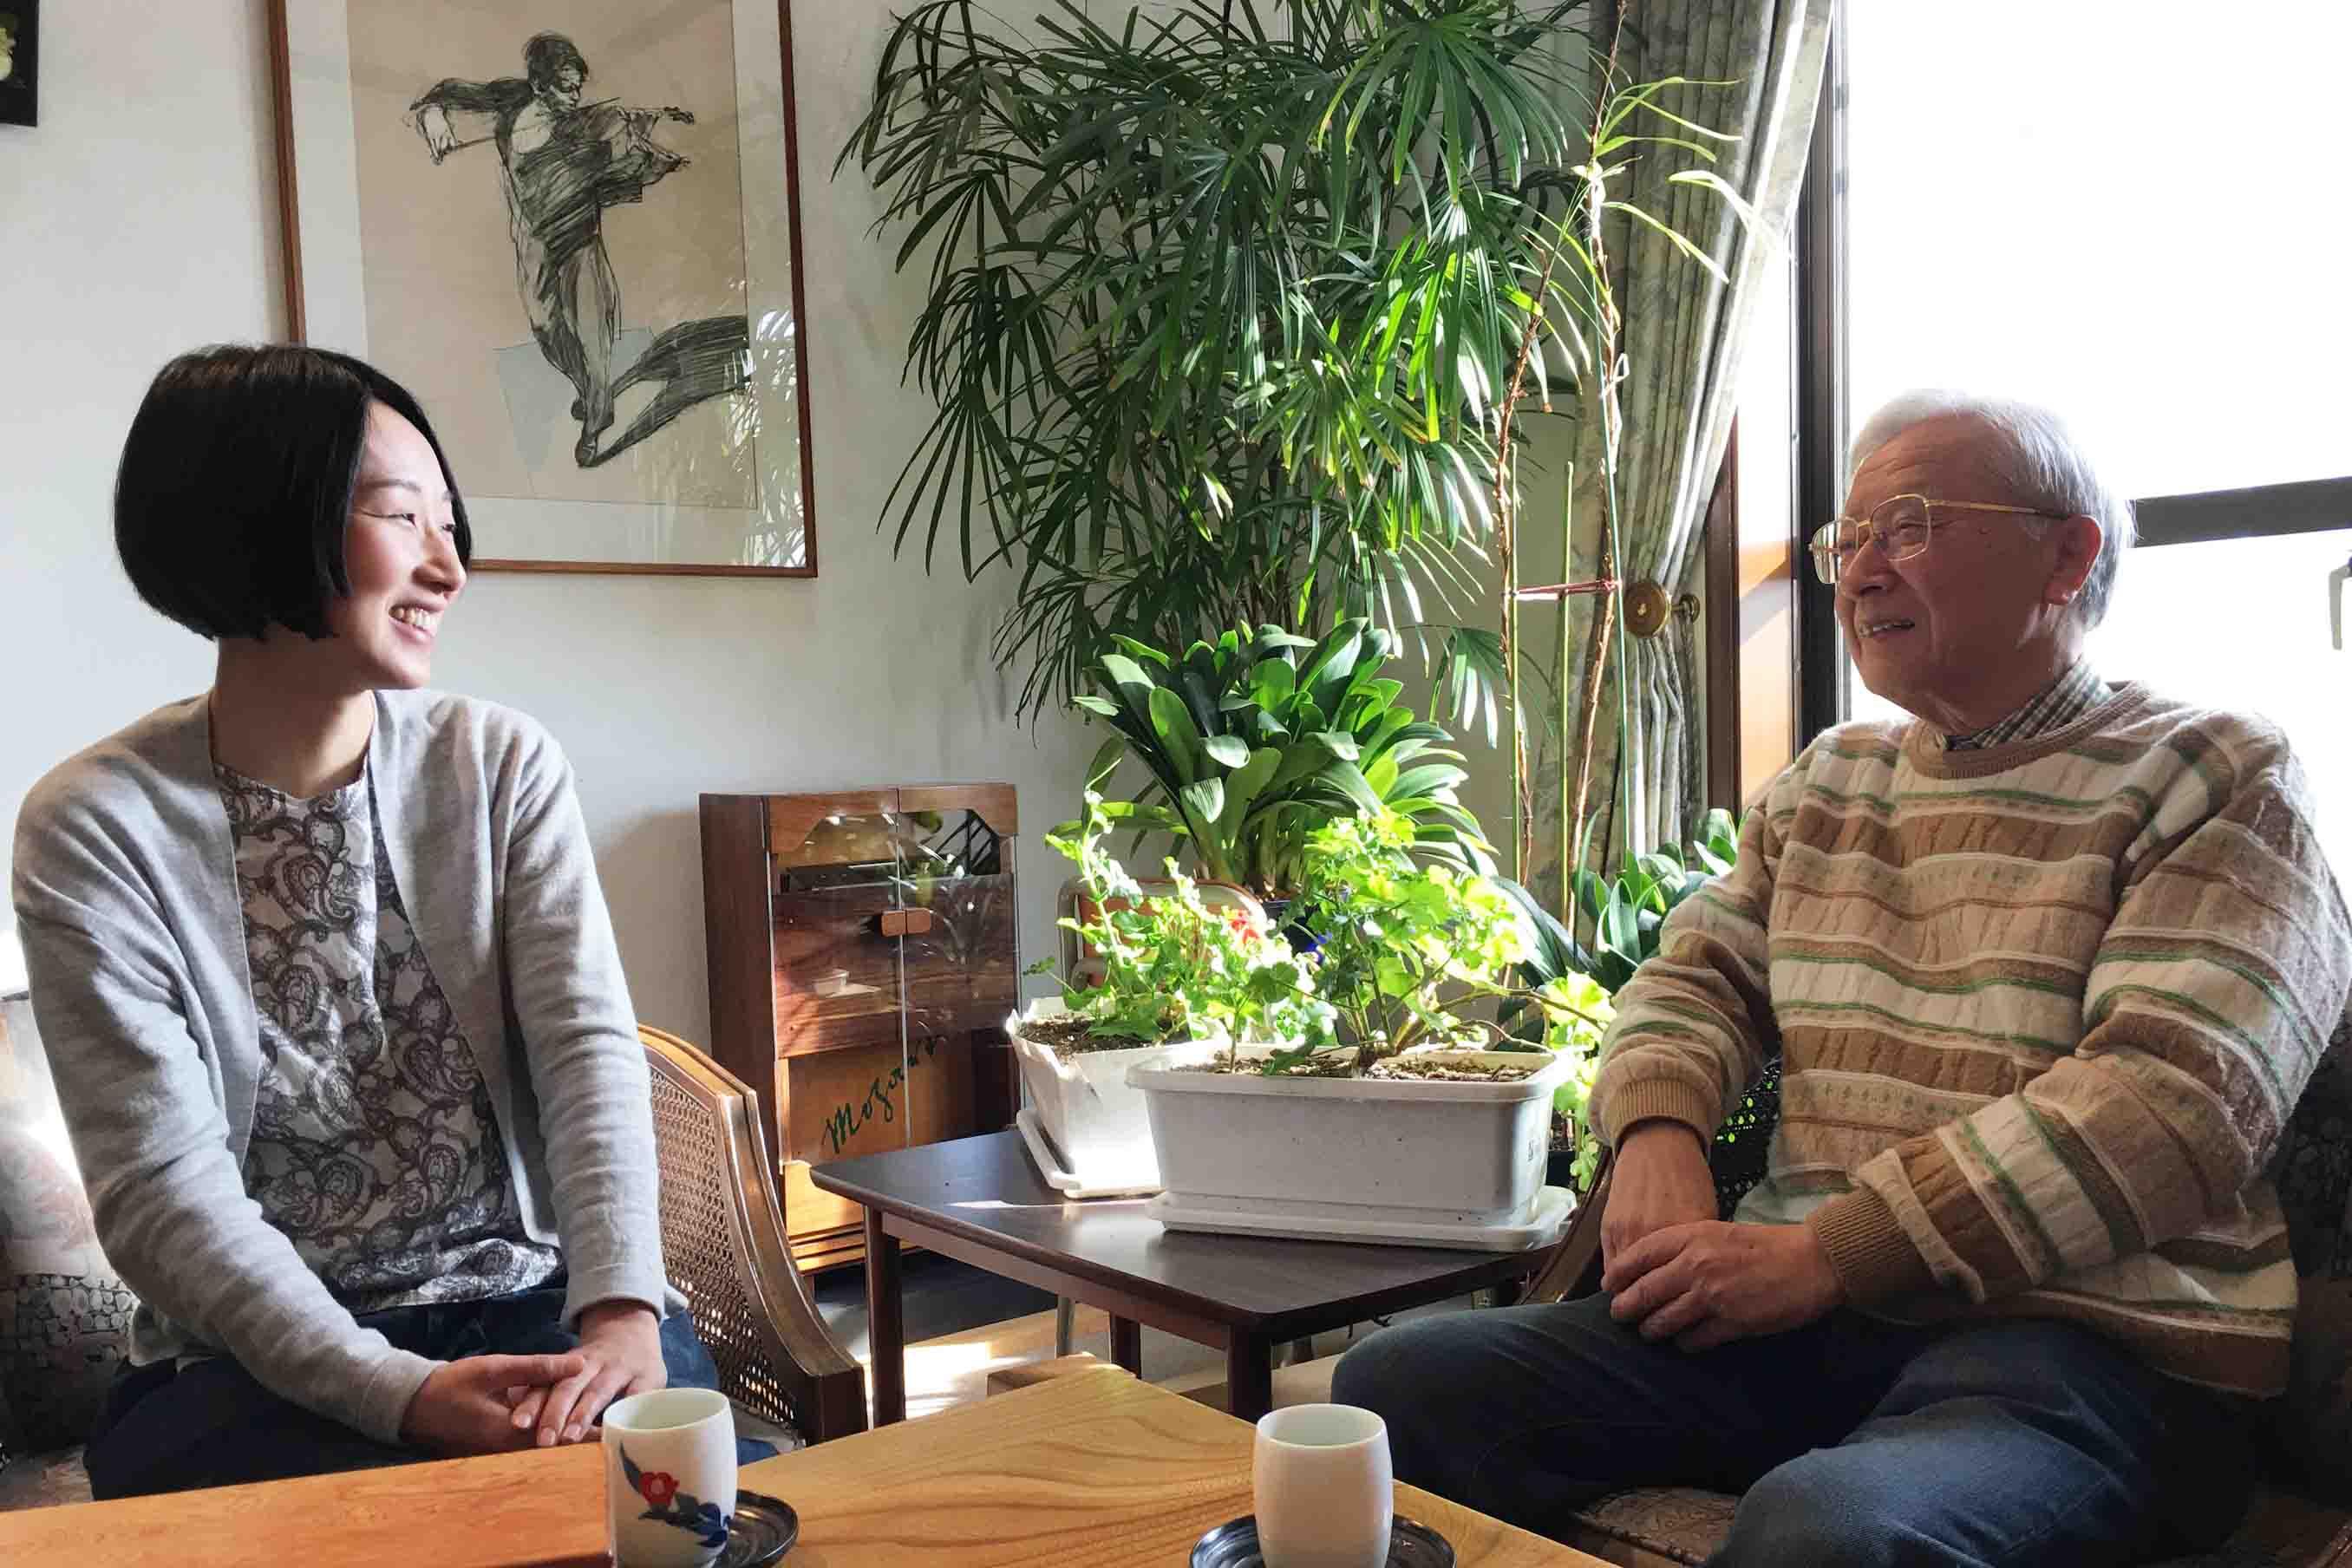 永井さん (右) と、弟子の秀嶋さん (左)